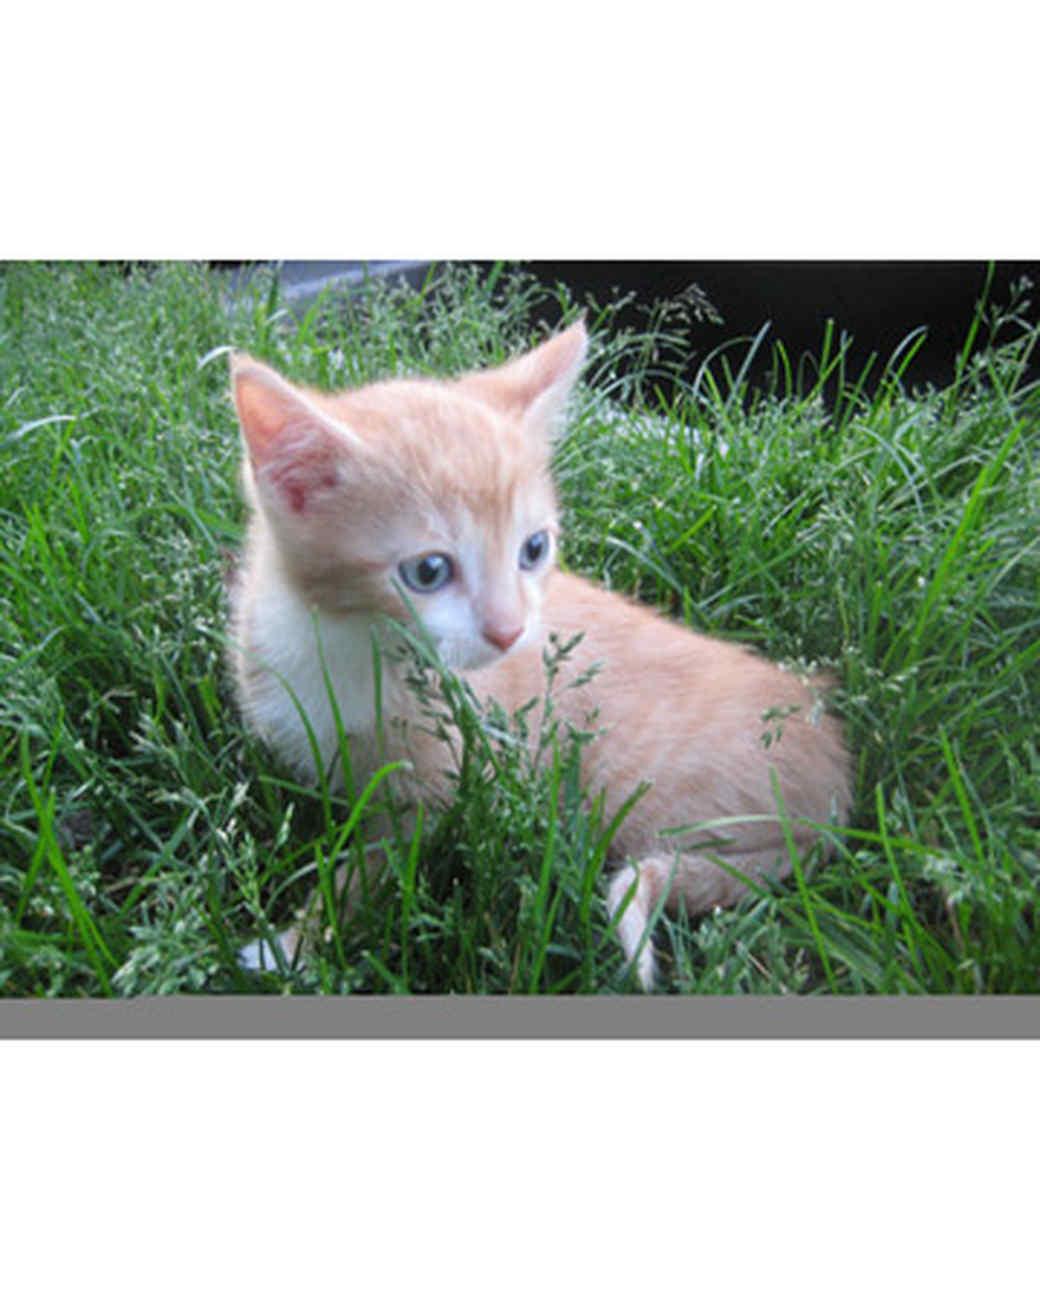 pets_kittens_0610_9681286_23853238.jpg